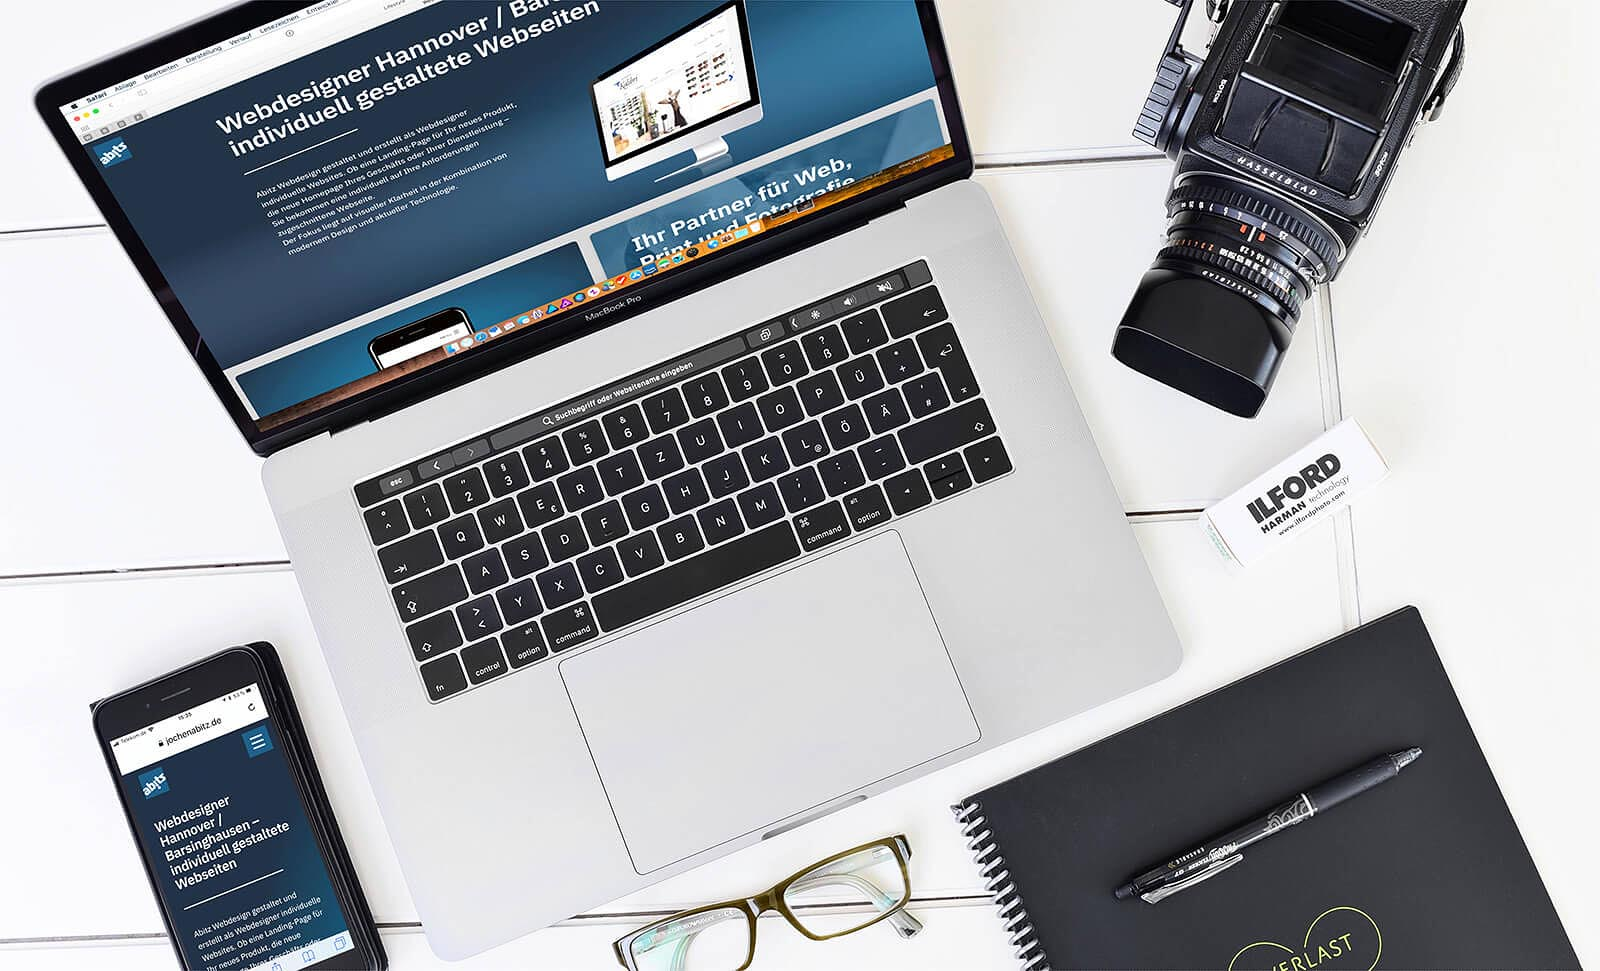 Webseite oder Homepage erstellen oder gestalten lassen | Webdesigner Jochen Abitz aus Hannover